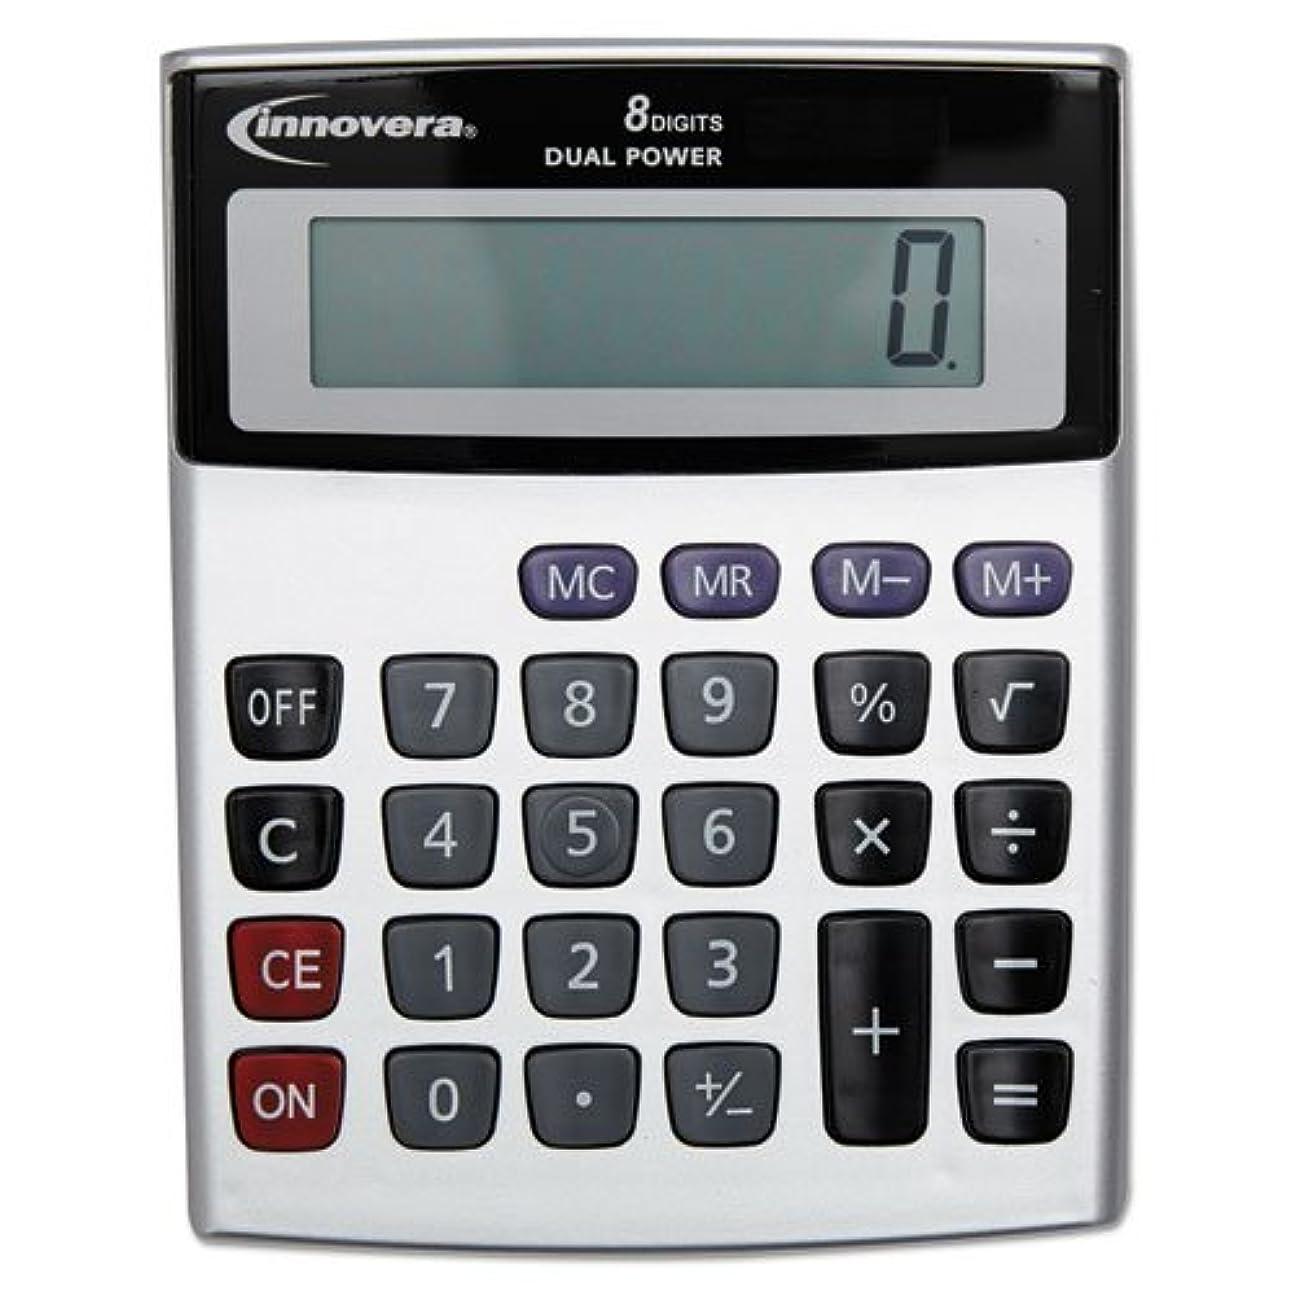 応答してはいけない指令INNOVERA 15927 Portable Minidesk Calculator, 8-Digit LCD